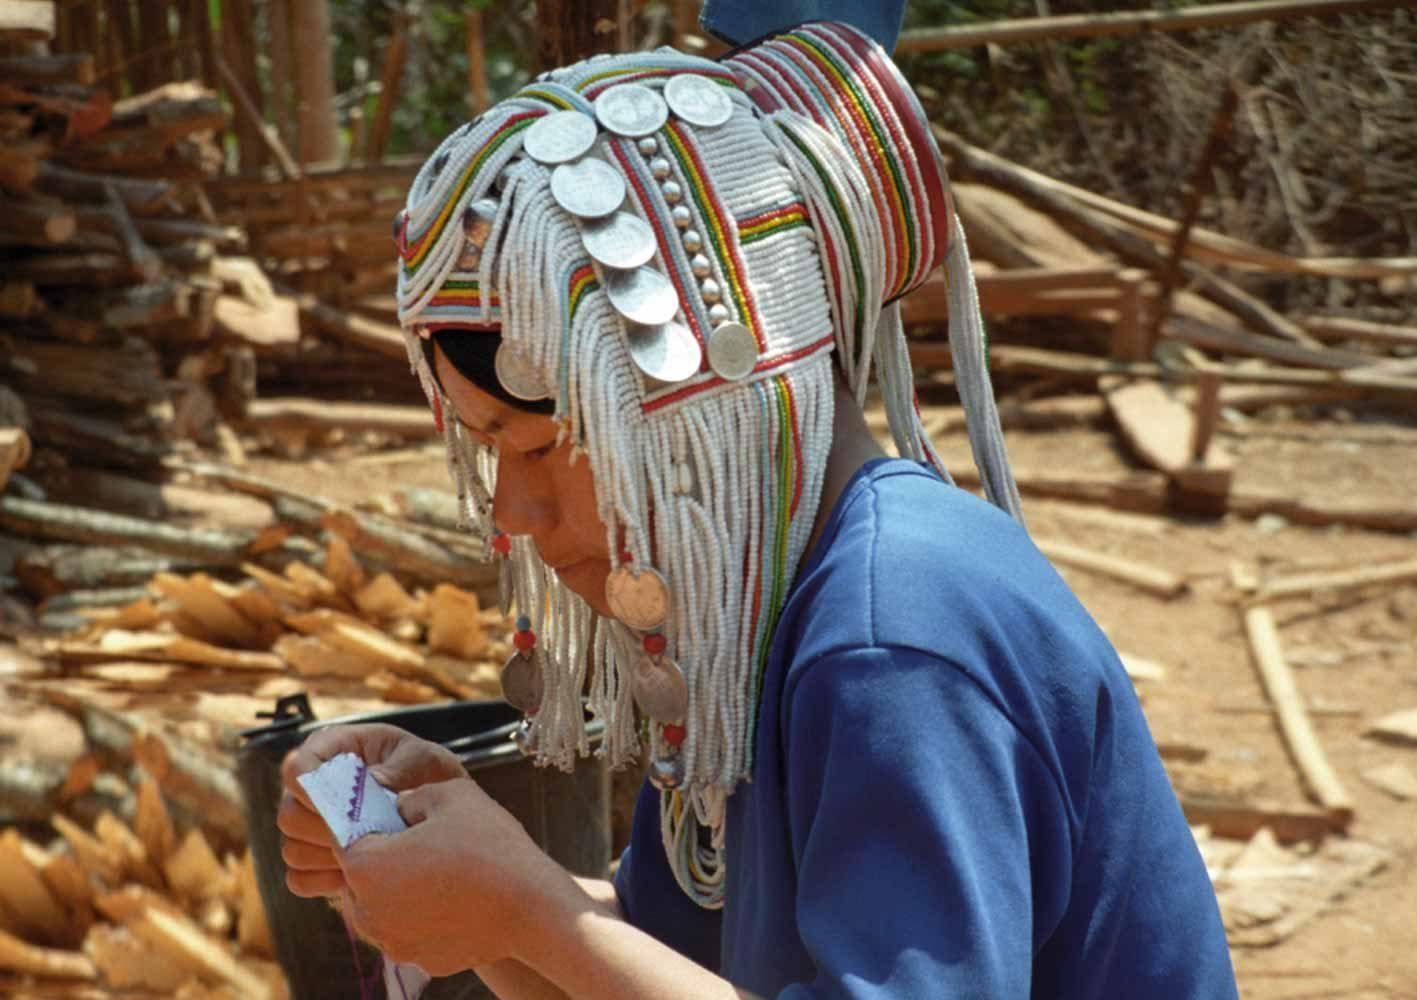 Traditionell gekleidete Frau in Kyaing Tong, Myanmar